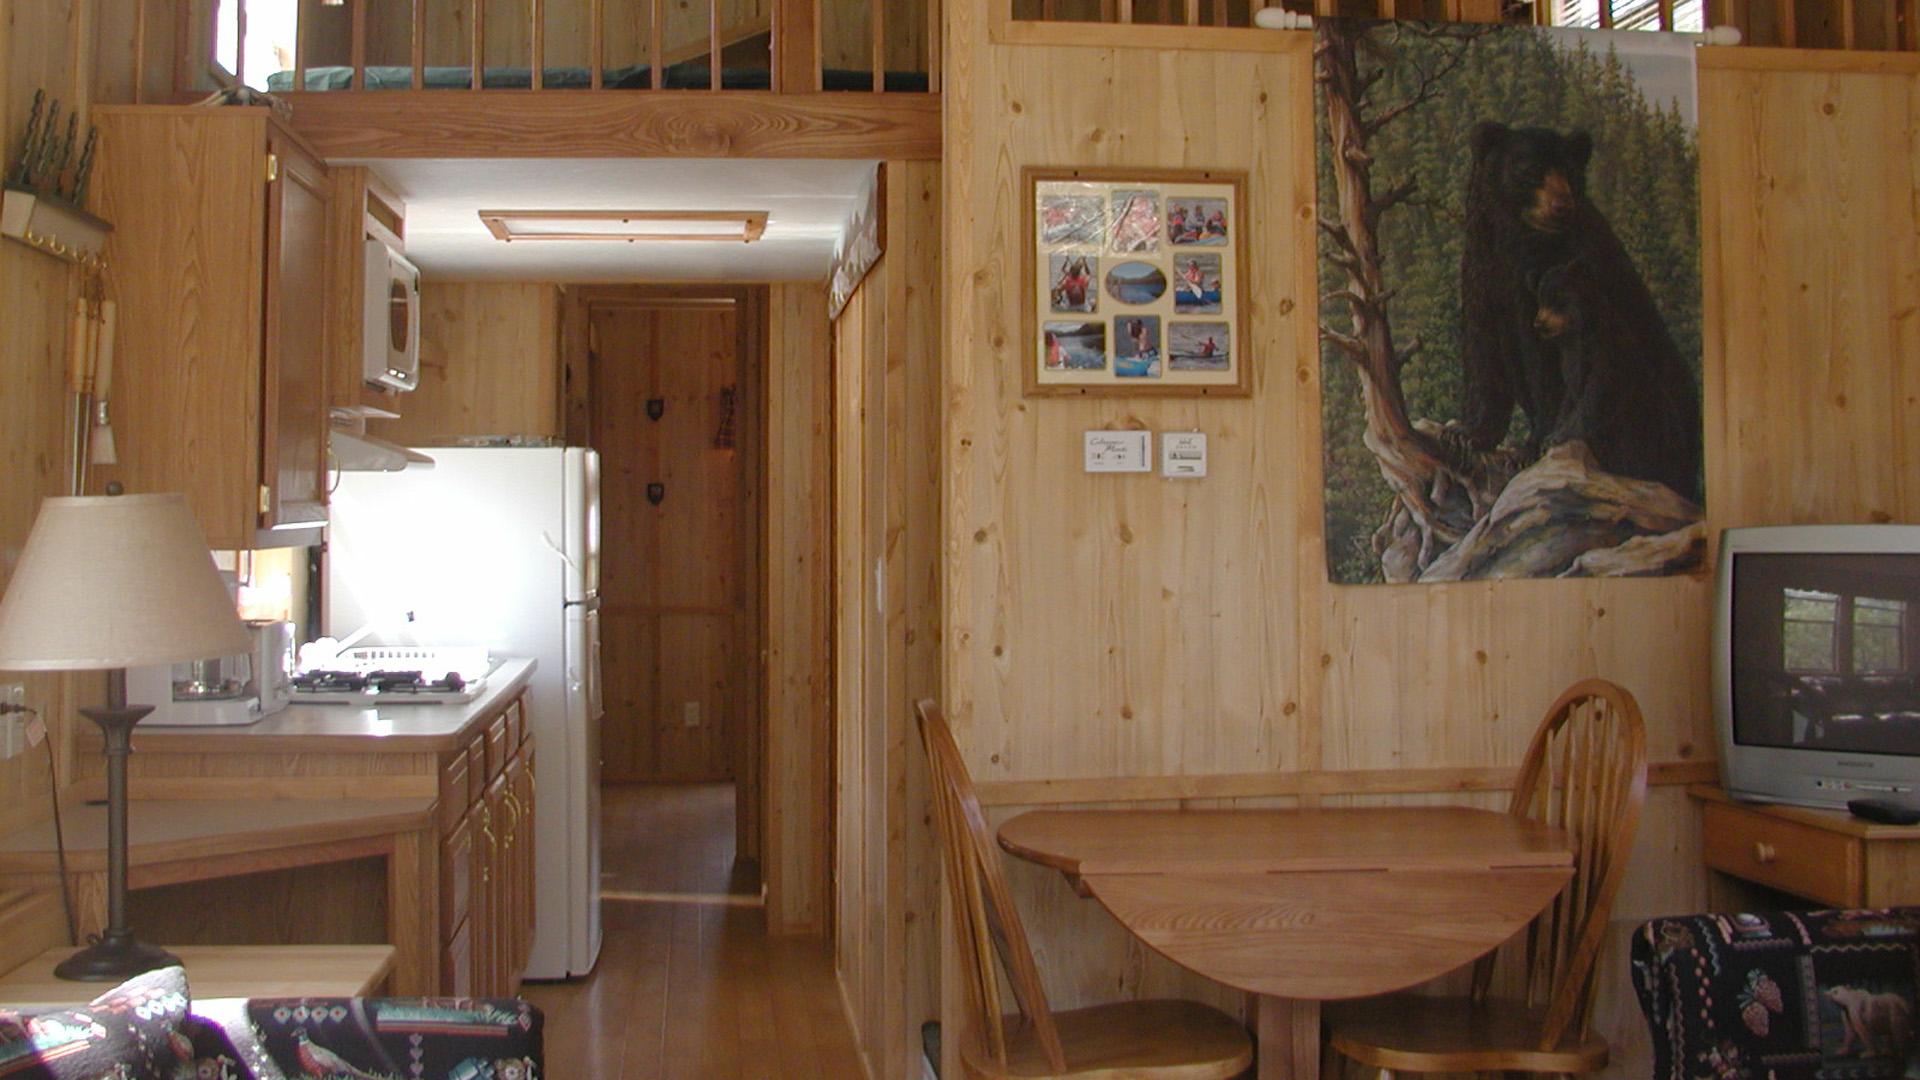 Deluxe Cabin w Loft interior